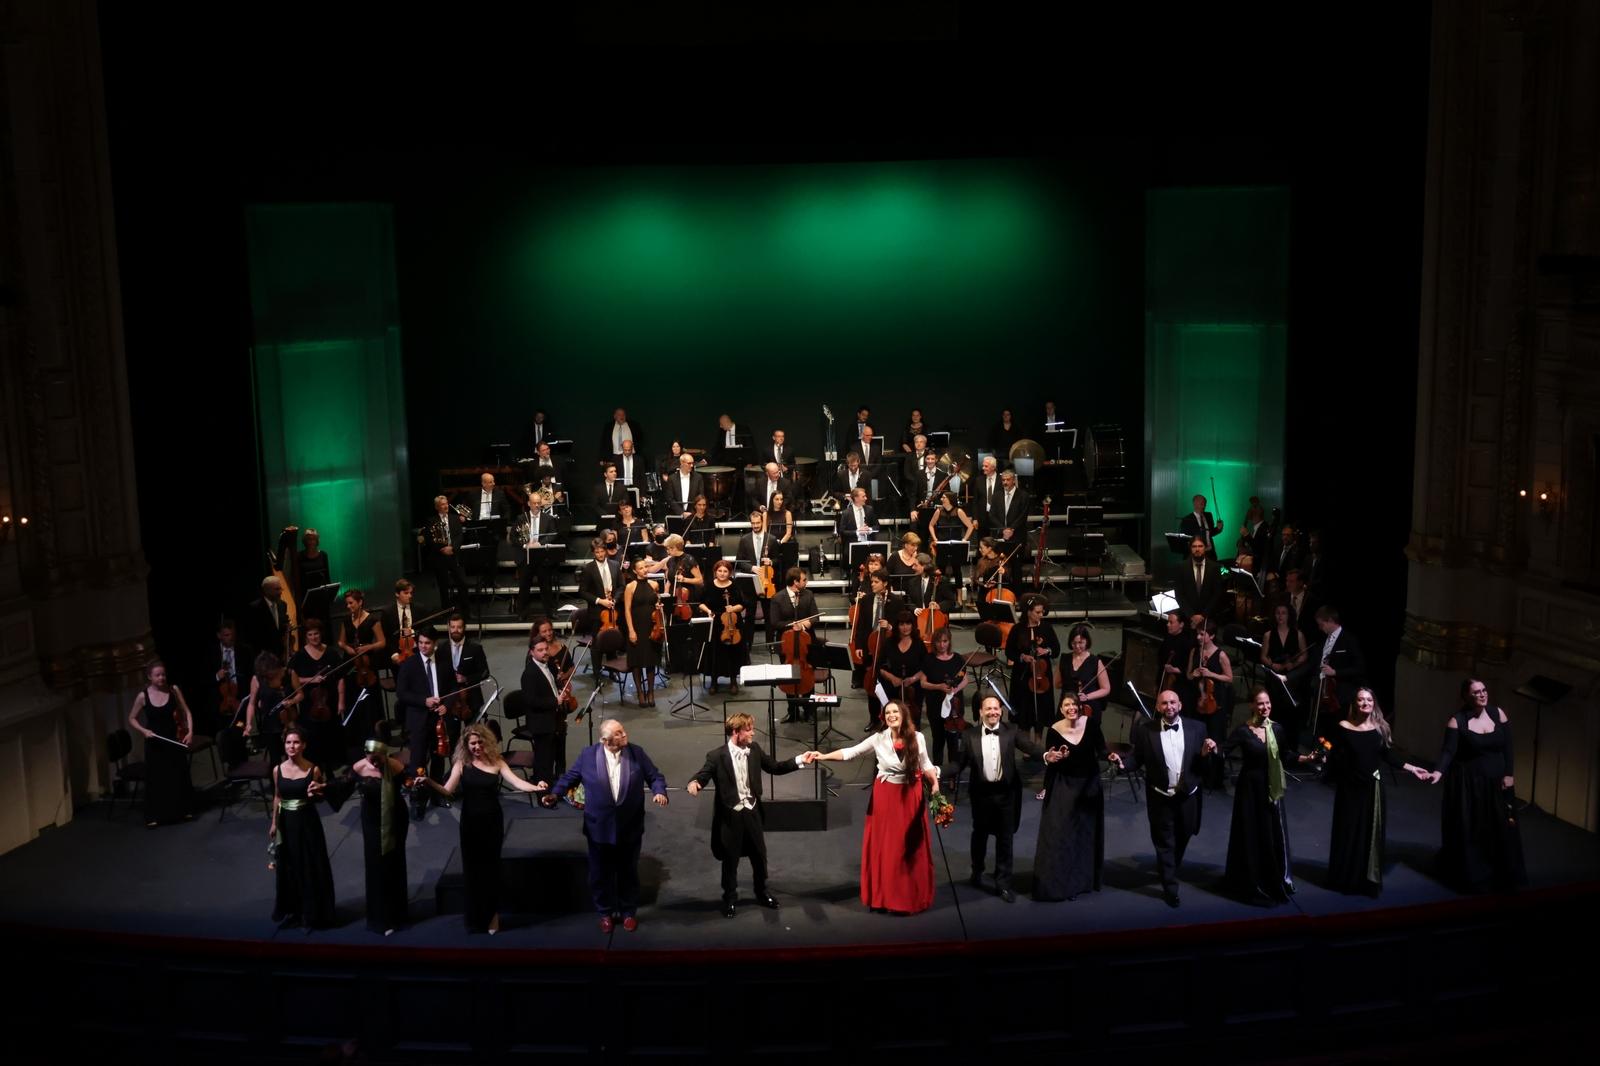 Otvorena koncertna sezona u riječkom HNK: publika na nogama ovacijama ispratila Maidu Hundeling i goste